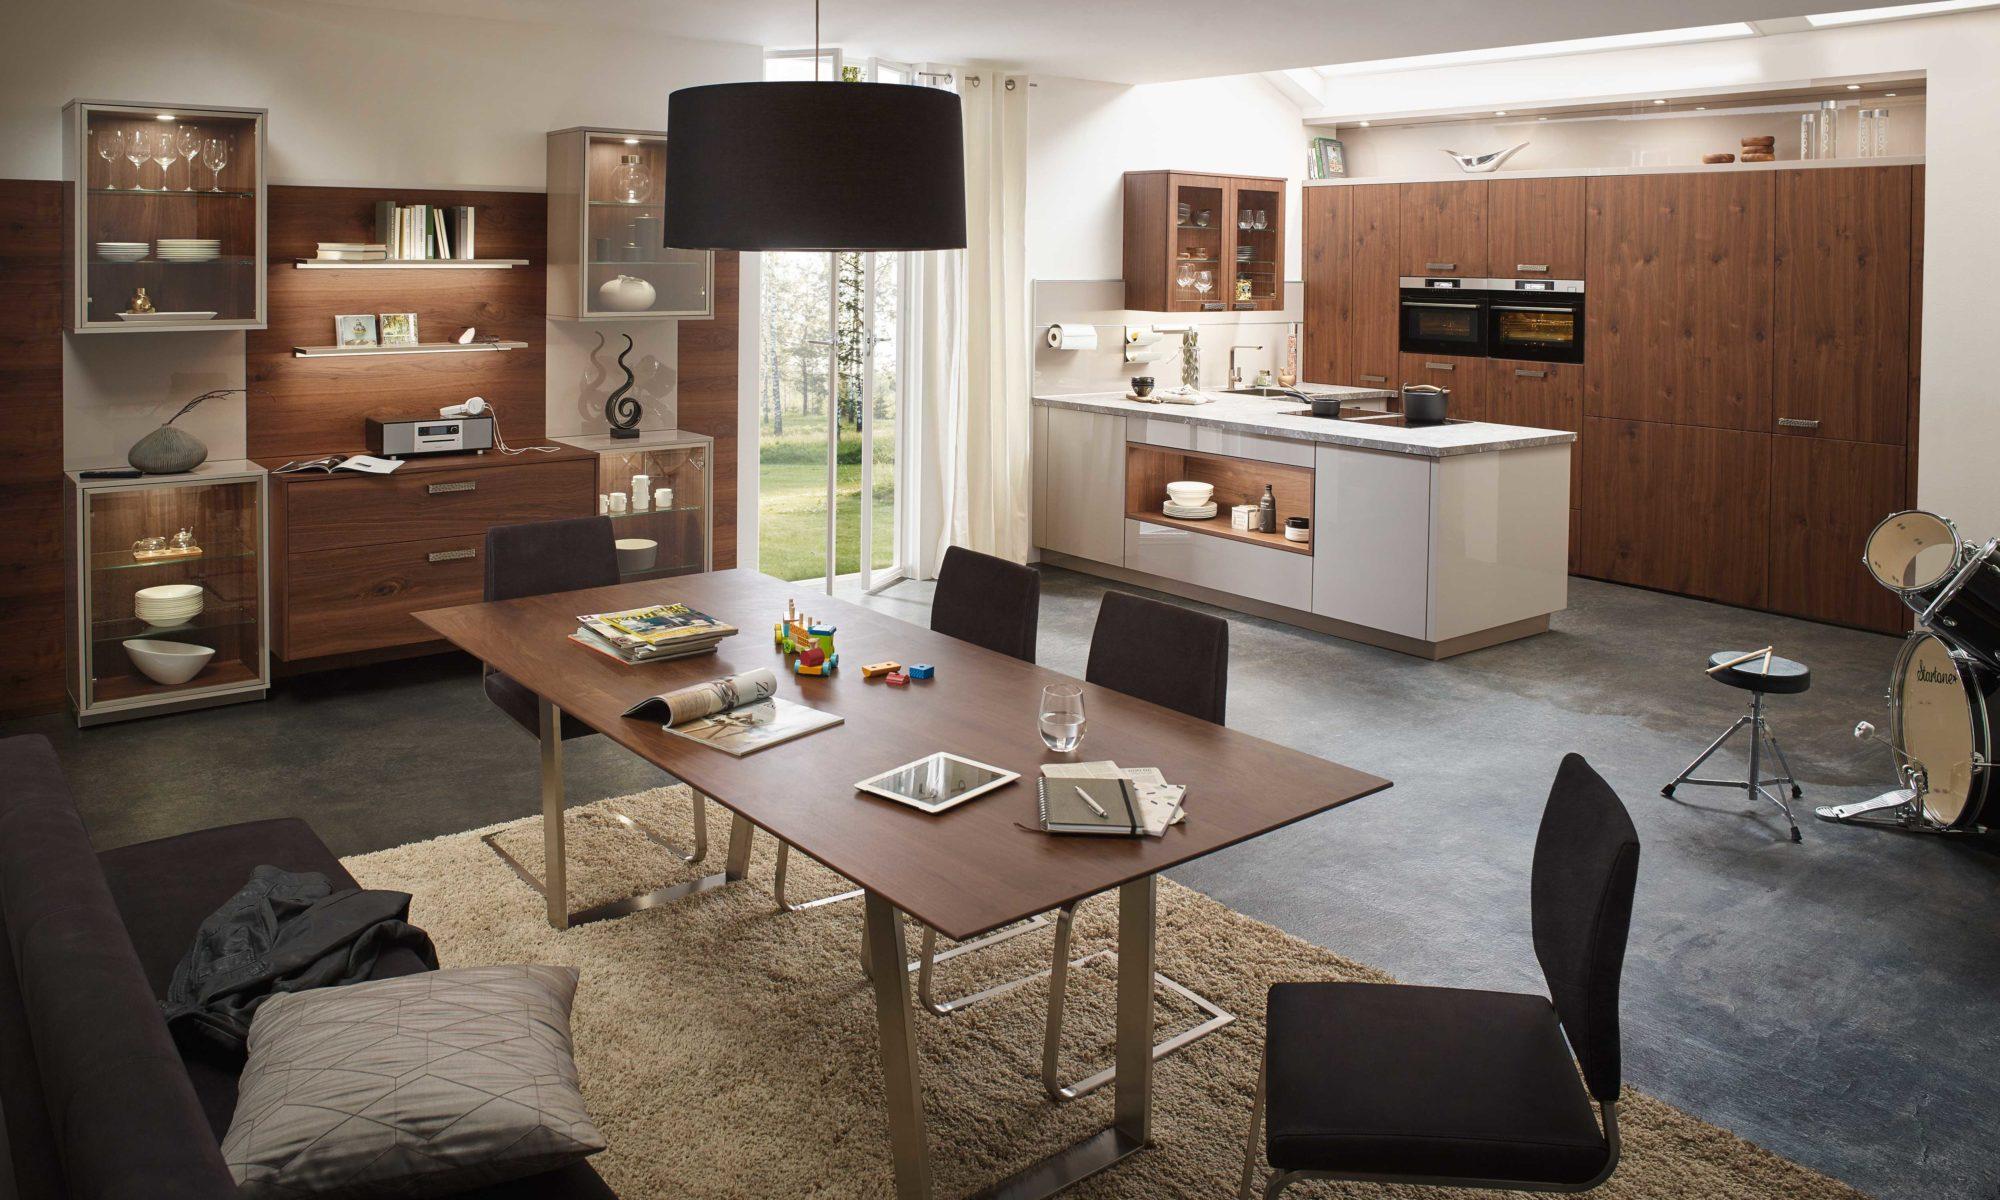 Sachsen Küchen, Fabia, Holz, Granit, weiß, hochglanz, Design, Naturmaterial